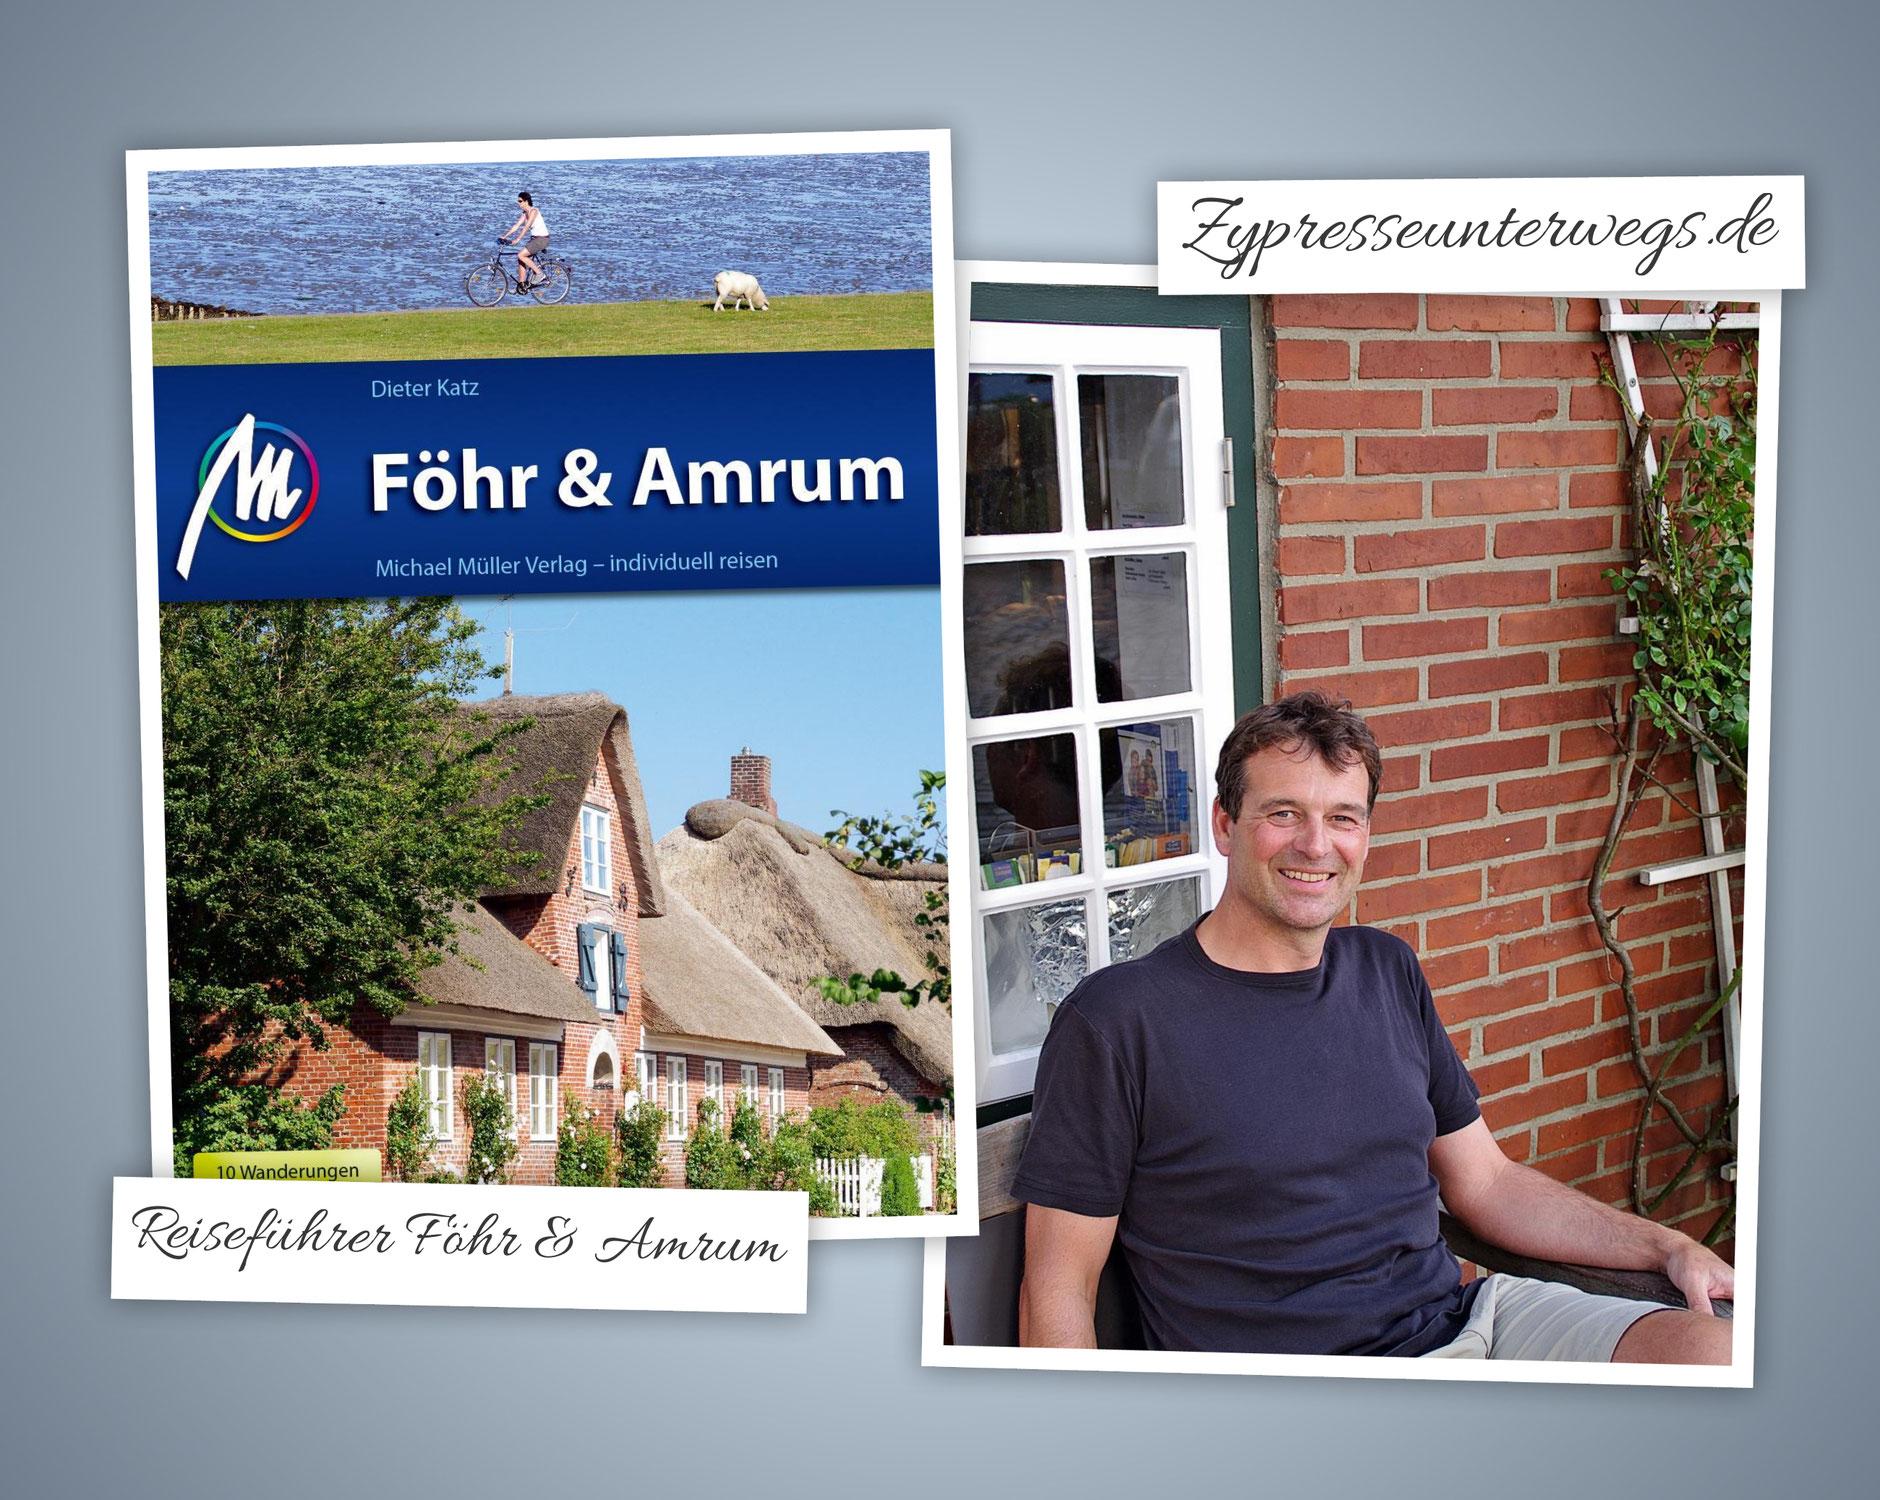 Reiseführer Föhr & Amrum